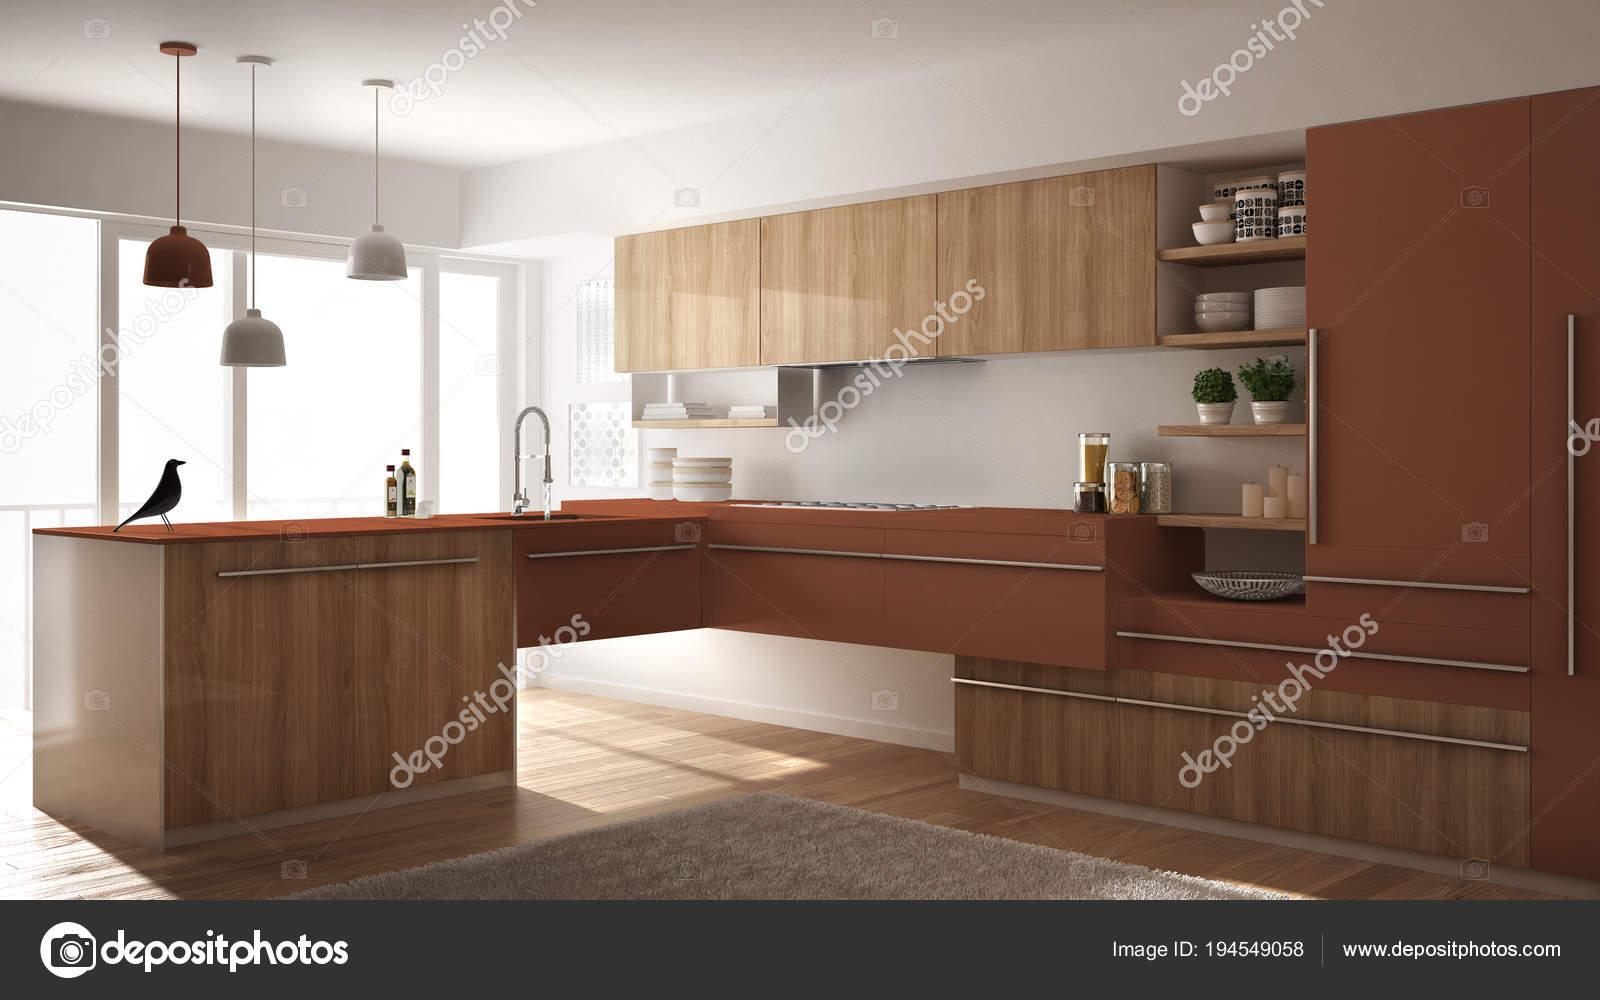 Cuisine en bois minimaliste moderne avec sol en parquet, tapis et ...